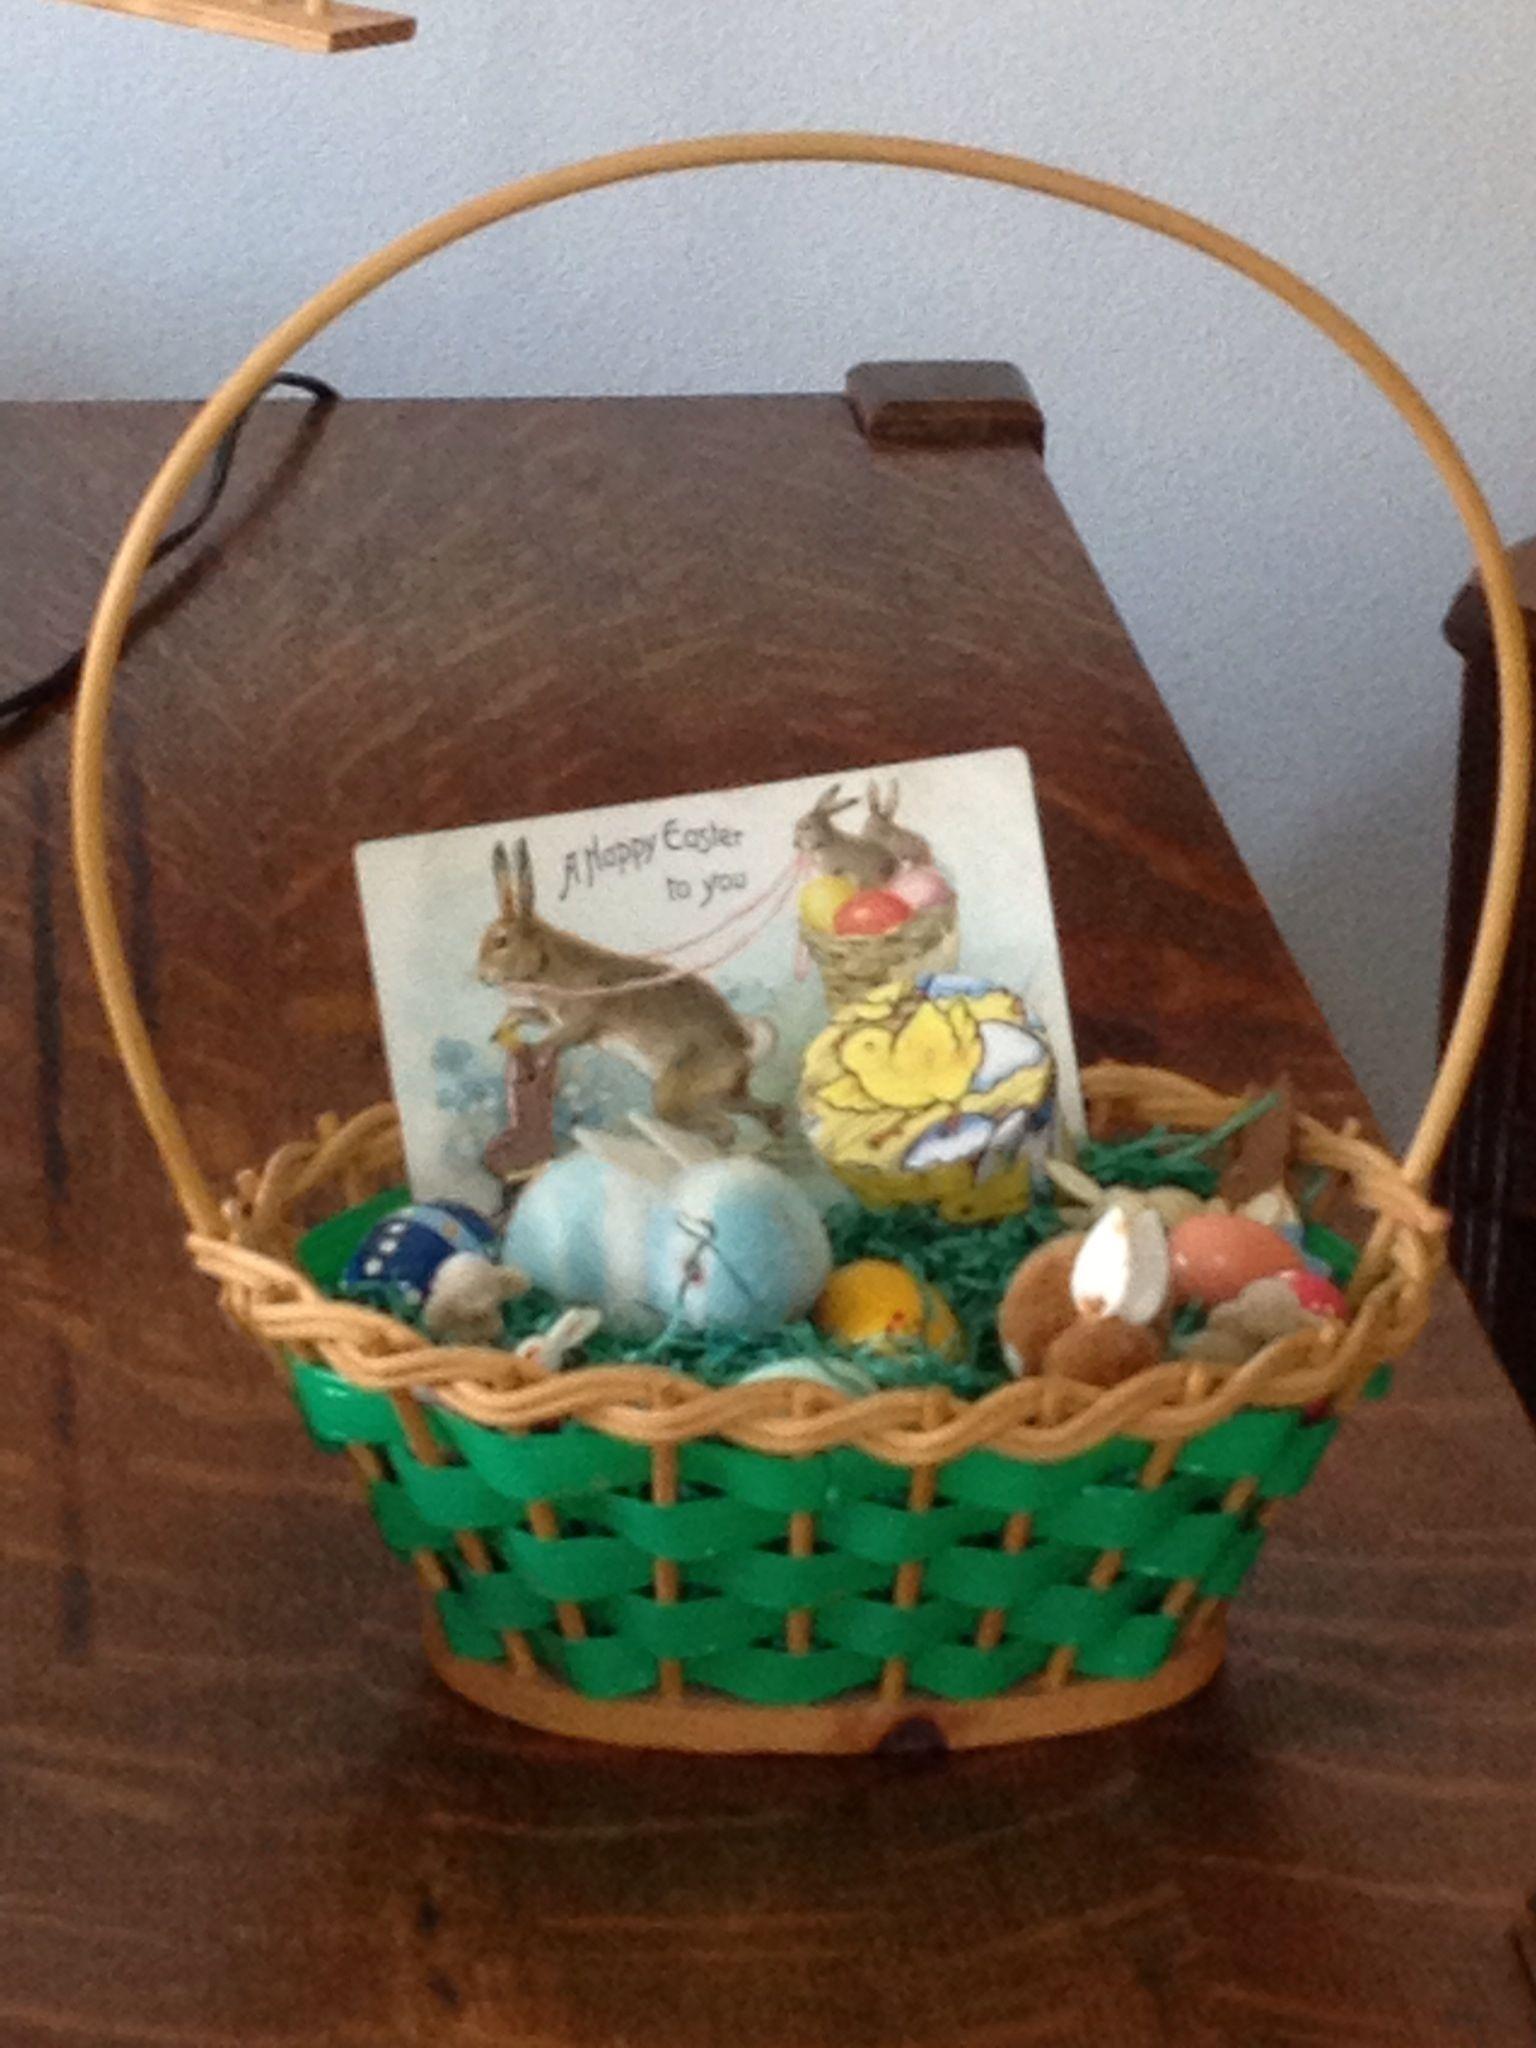 Vintage Easter basket from the 50s. | Vintage | Pinterest